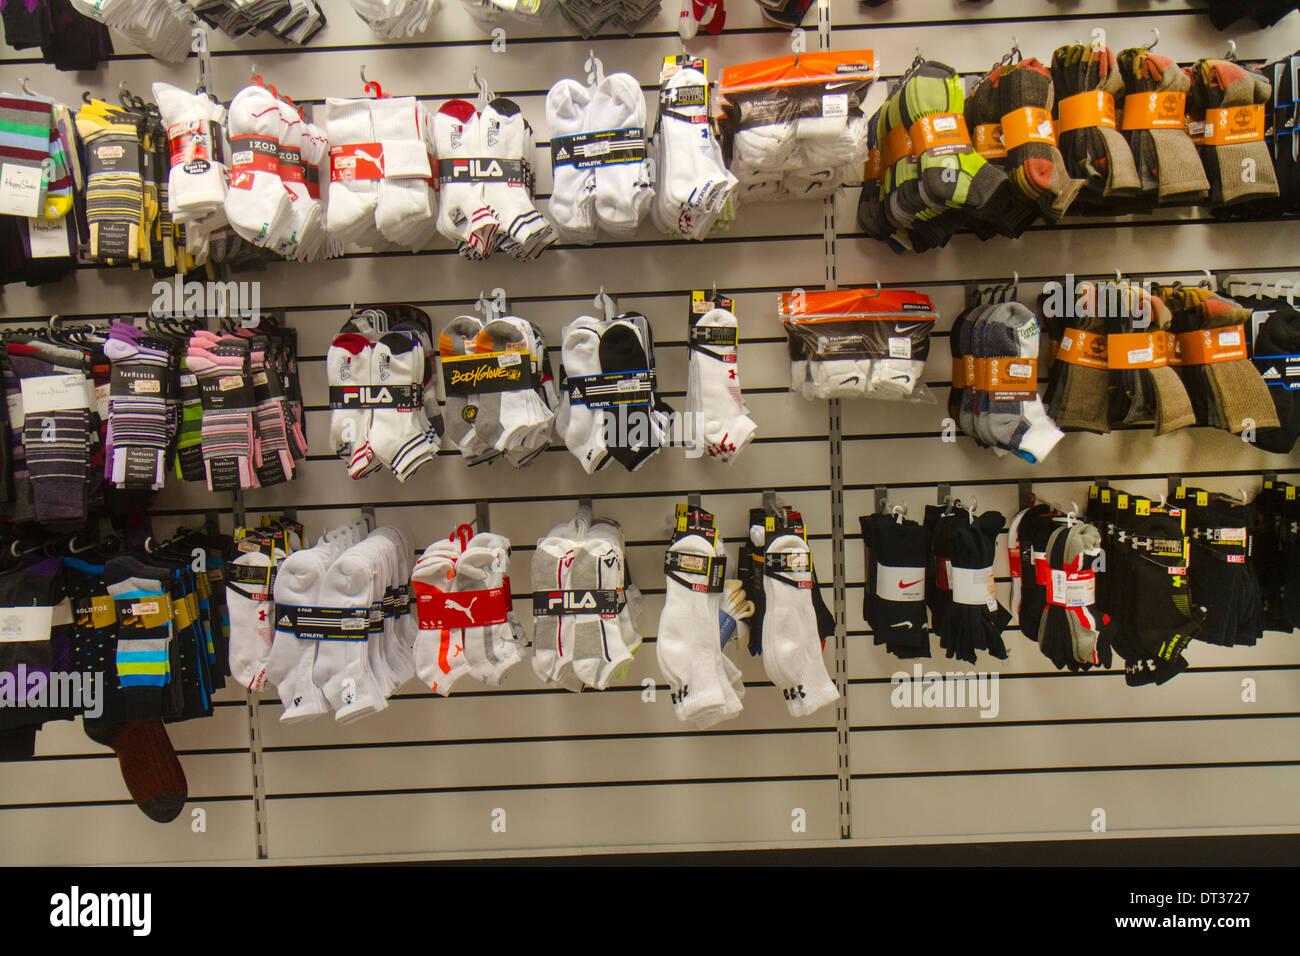 Socks For Sale Stockfotos & Socks For Sale Bilder - Alamy